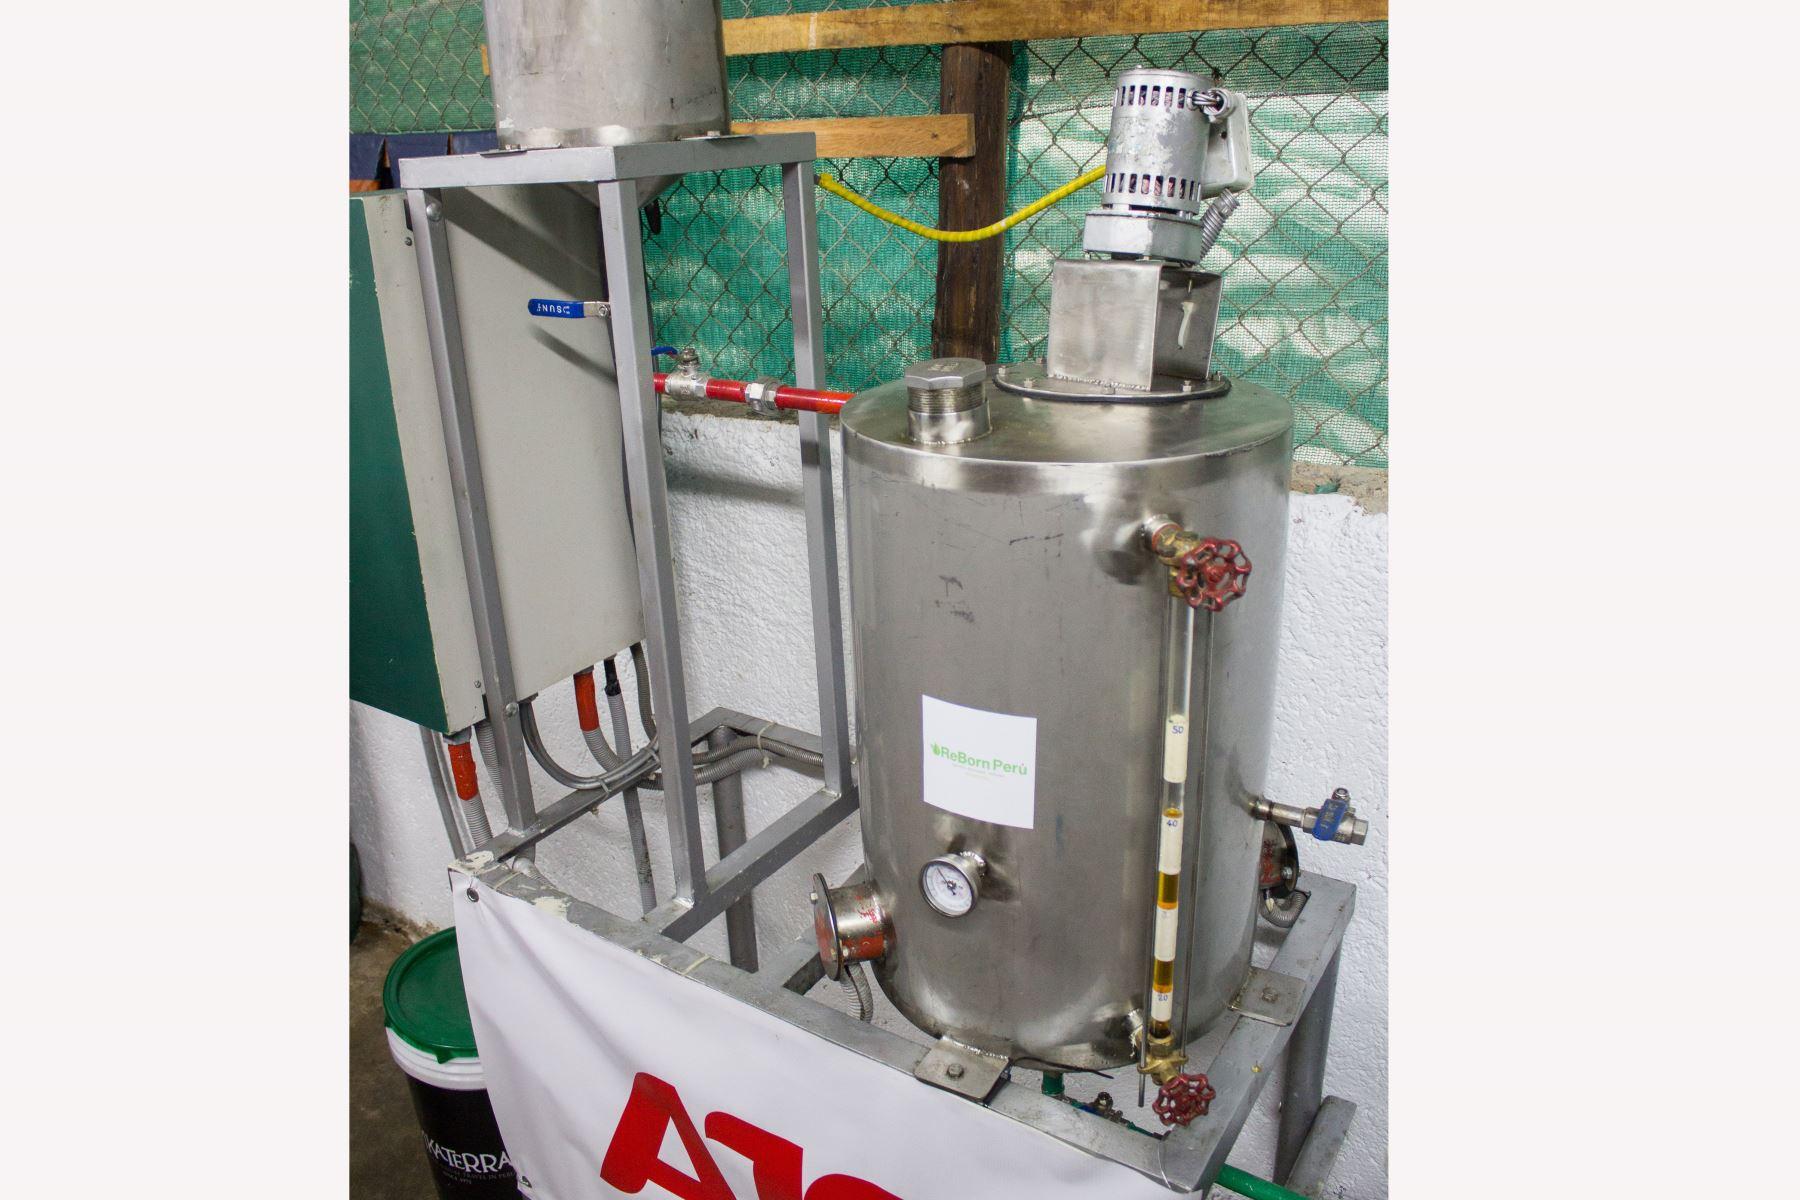 El tanque de esta Planta de transformación de aceite usado de cocina convierte 50 litros de biodiesel